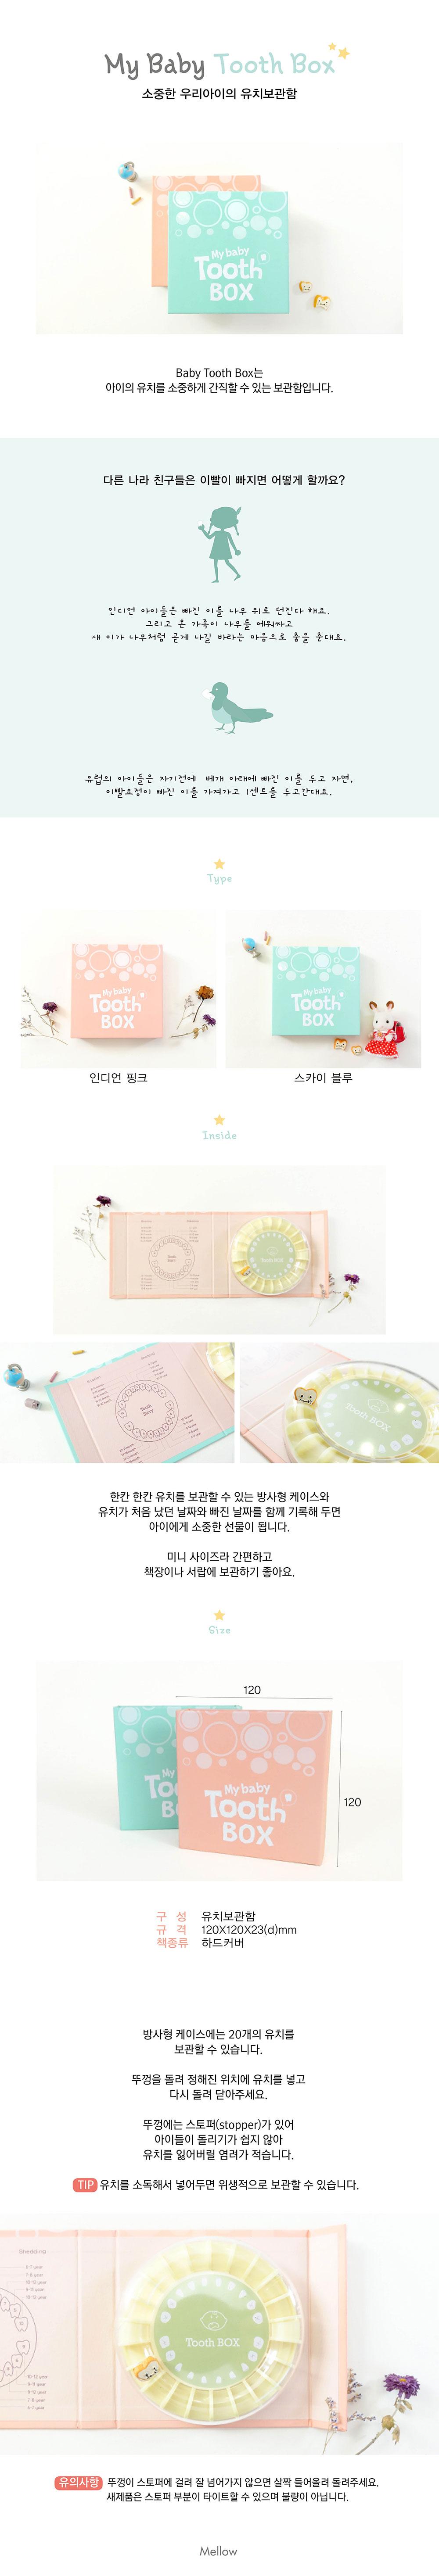 마이 베이비 투스 박스_유치보관함 - 멜로우, 11,500원, 다이어리/성장앨범, 임신/출산 다이어리